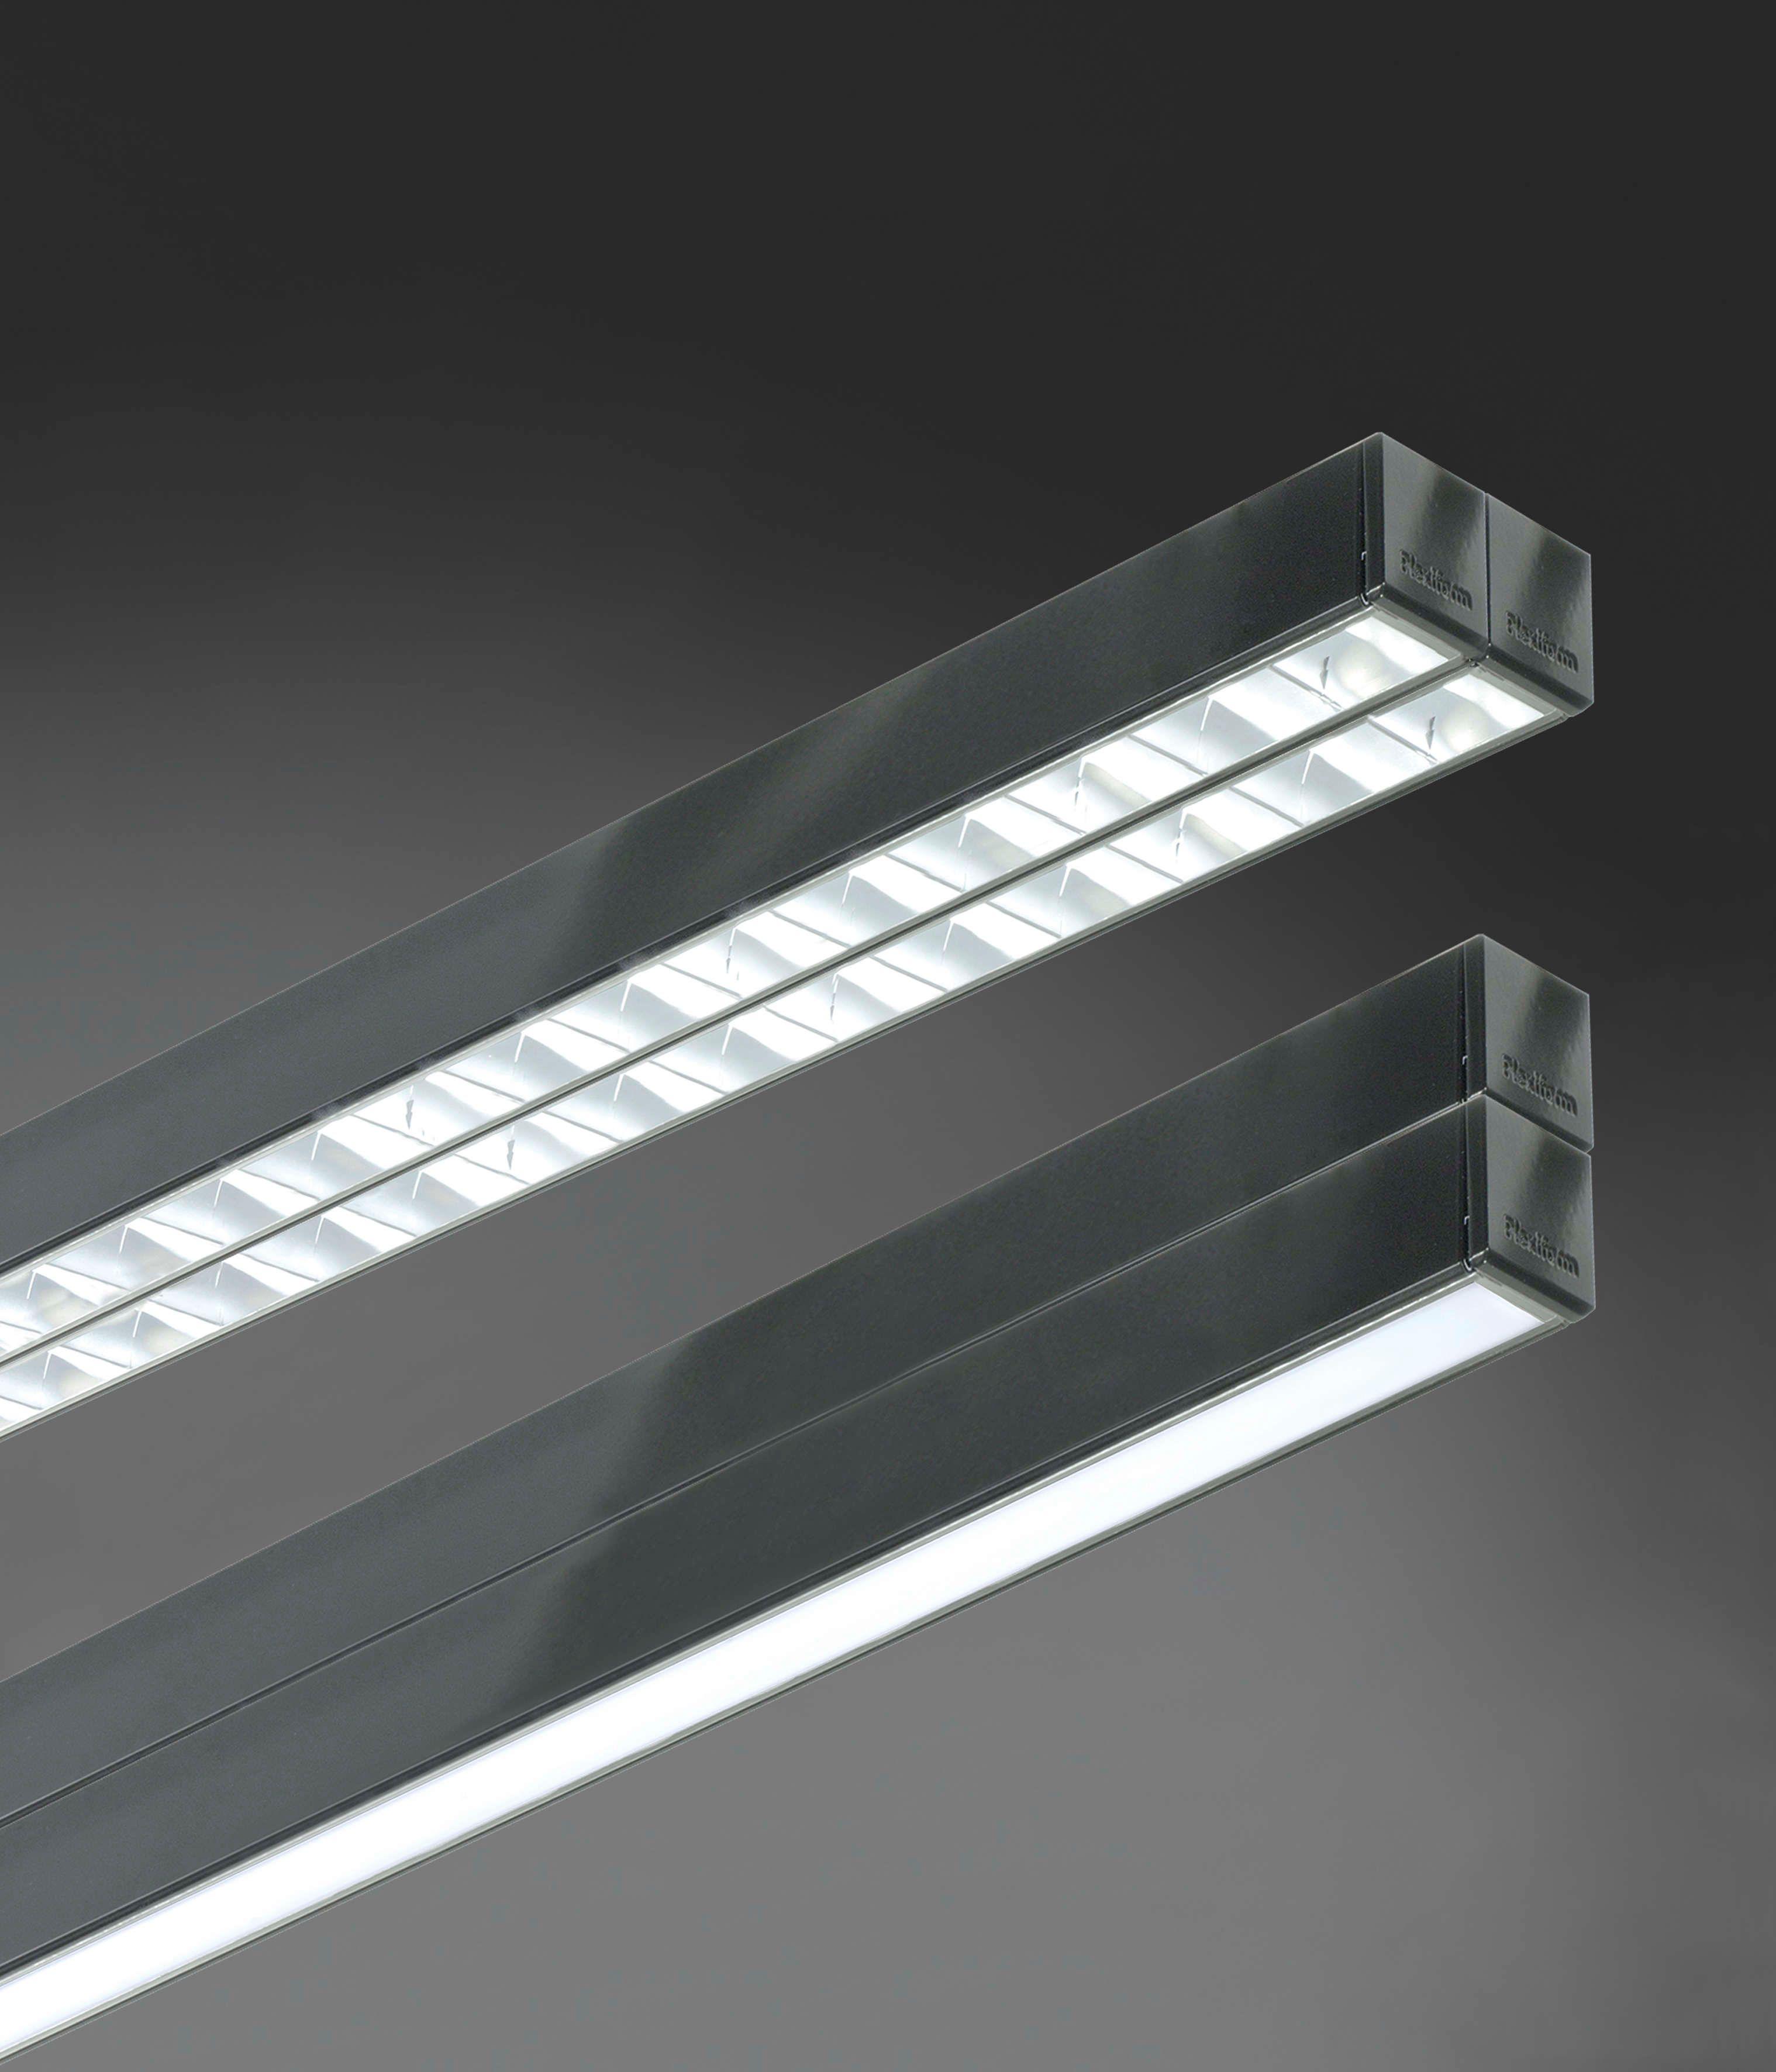 Illuminazione Terrazzo Senza Corrente: Illuminazione gazebo senza corrente la...